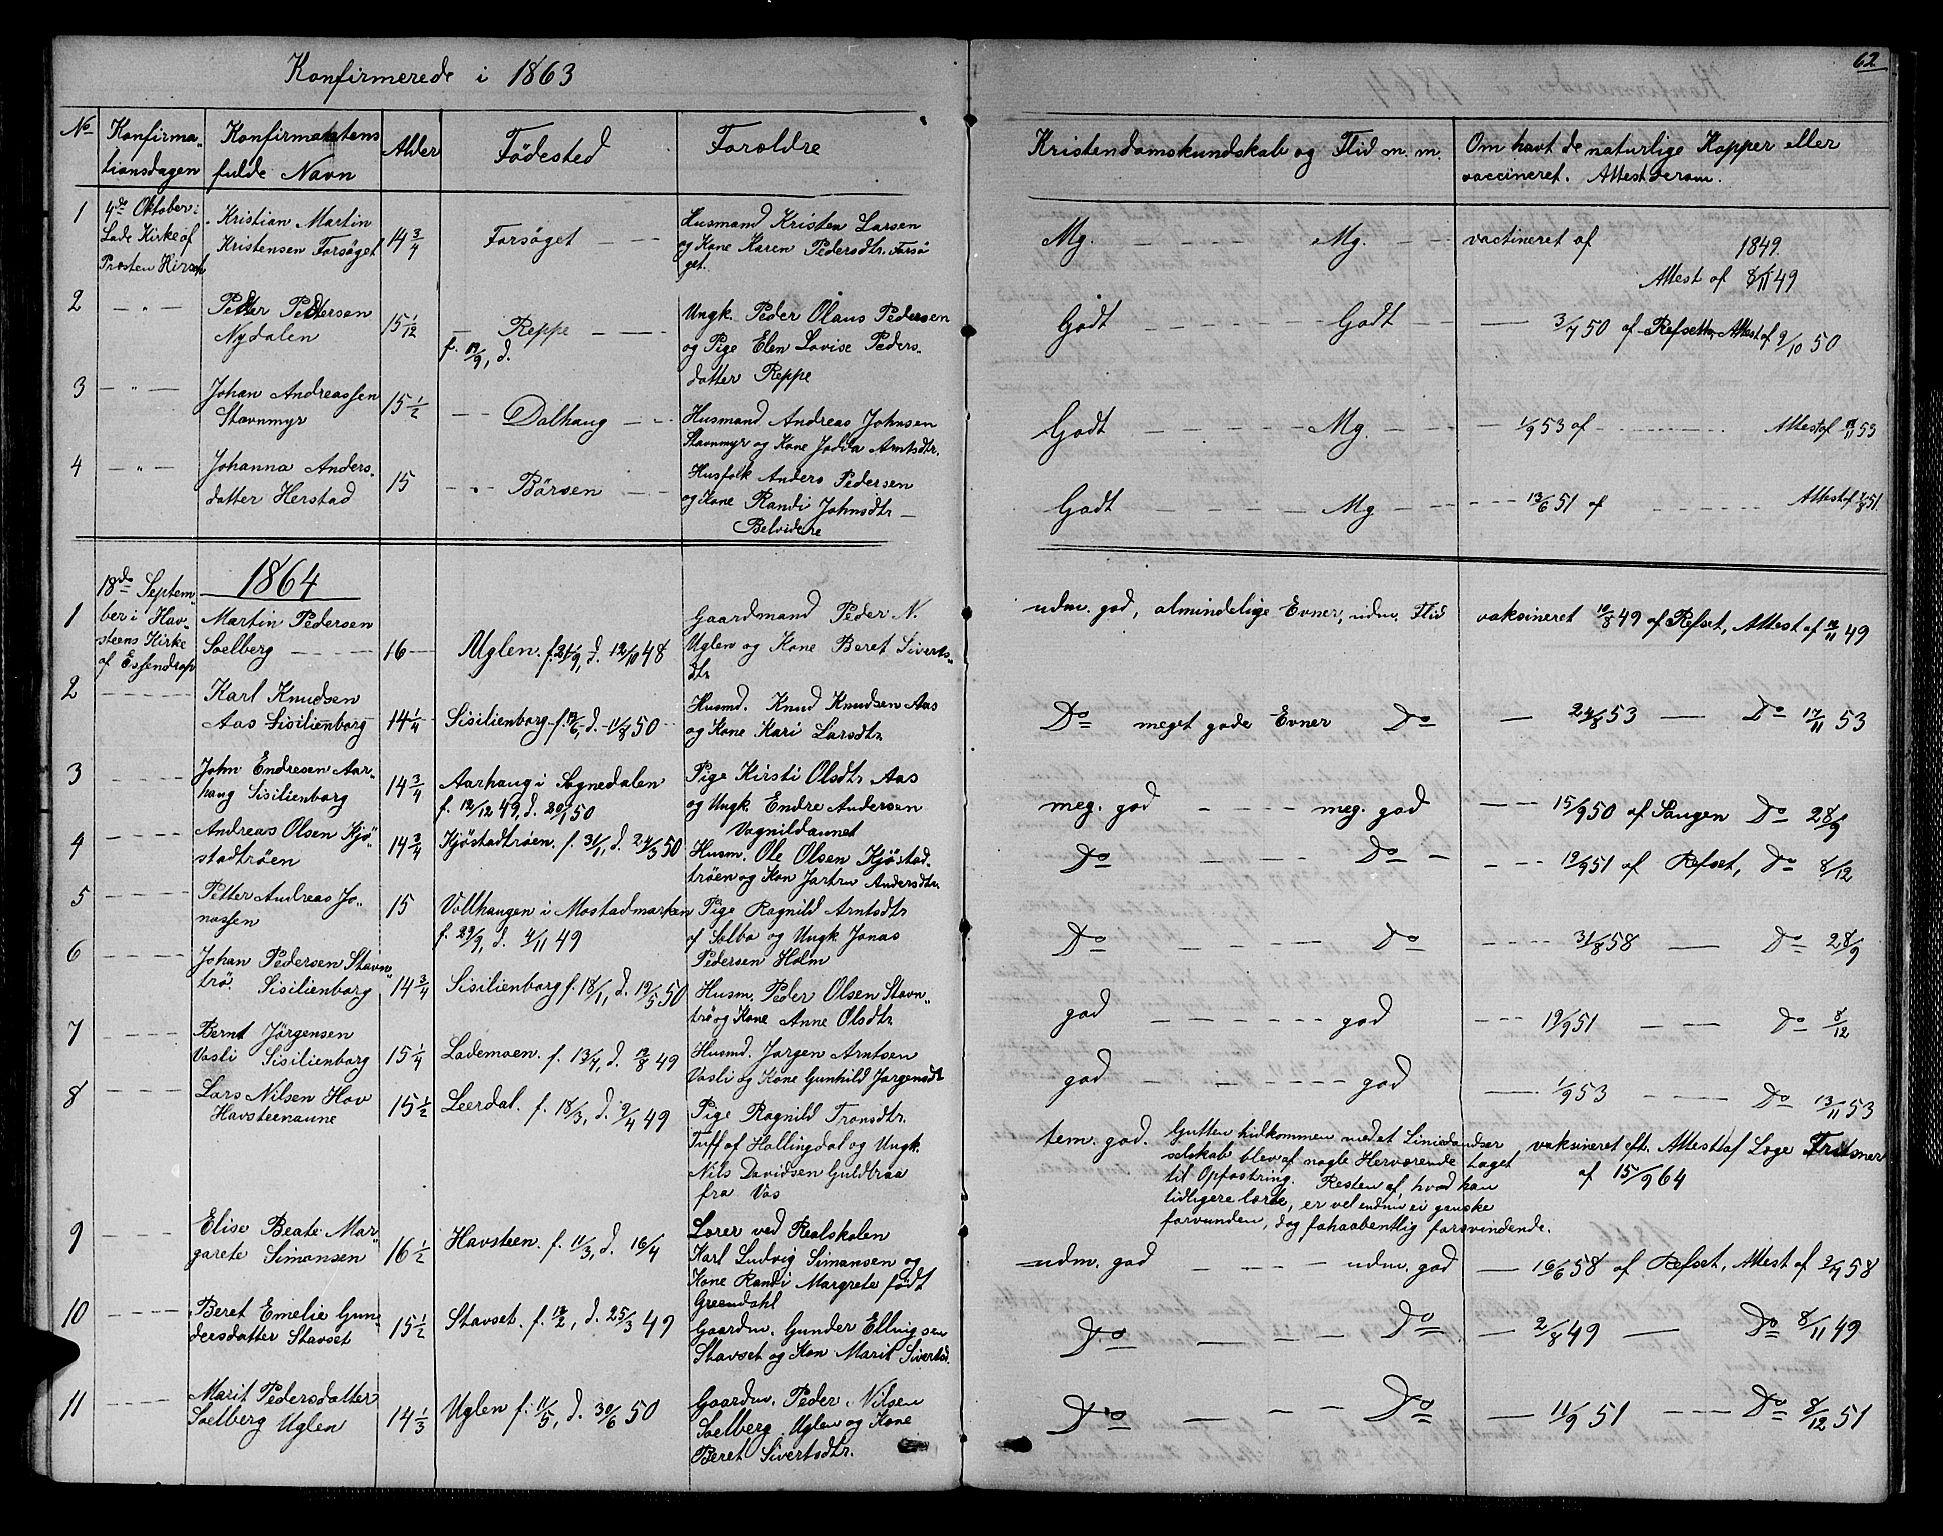 SAT, Ministerialprotokoller, klokkerbøker og fødselsregistre - Sør-Trøndelag, 611/L0353: Klokkerbok nr. 611C01, 1854-1881, s. 62